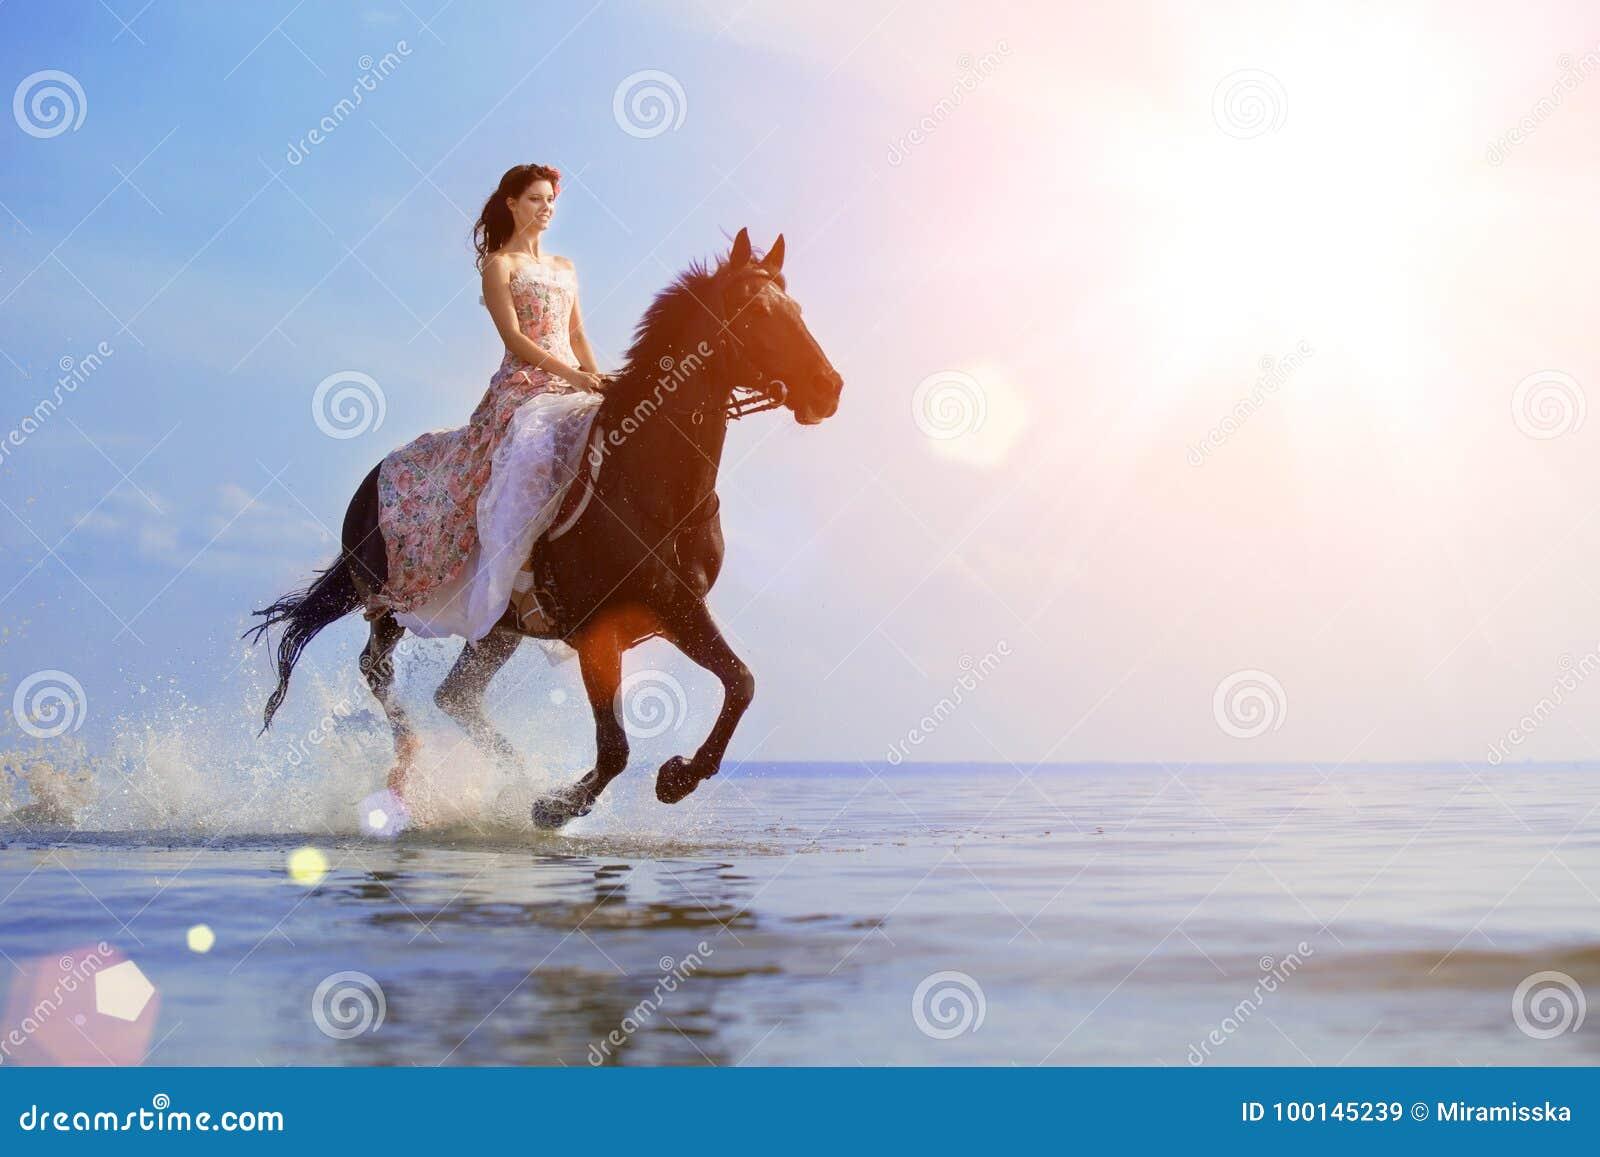 Мачо человек и лошадь на предпосылке неба и воды Режим мальчика